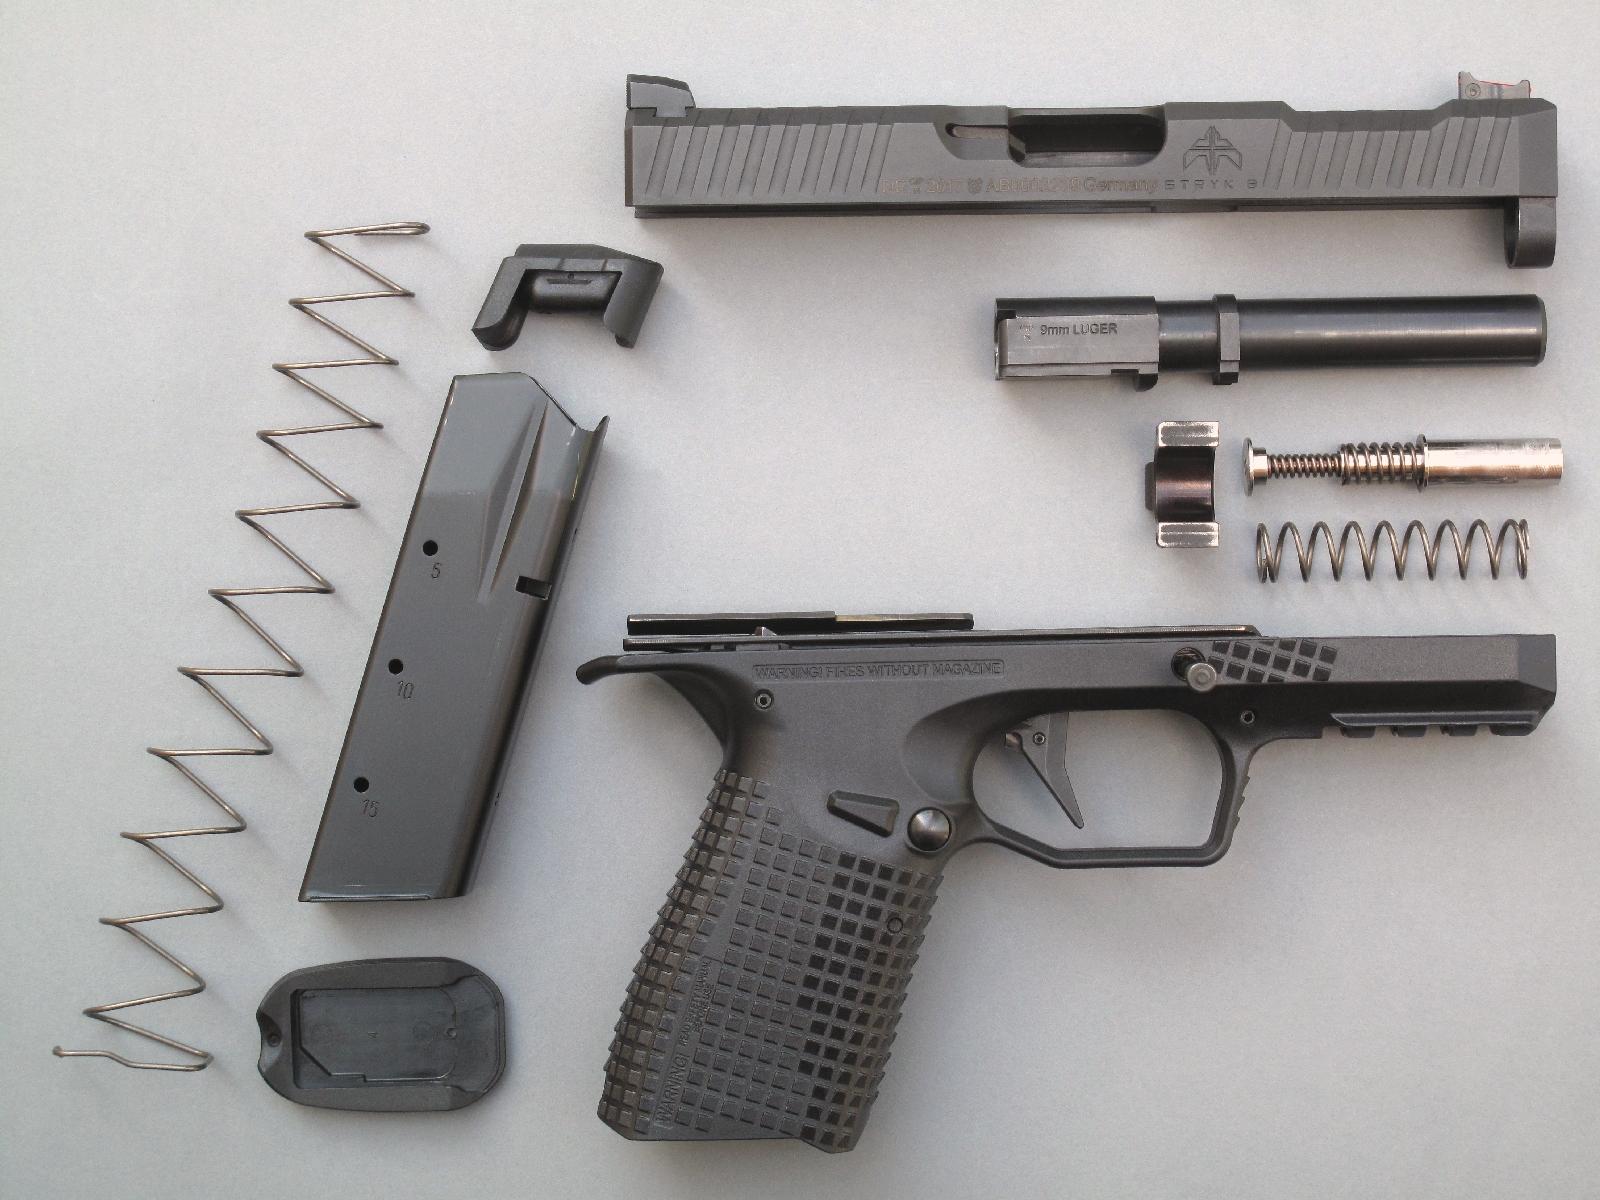 Ensemble, sommairement démonté, des éléments qui composent le pistolet Stryk B et son chargeur de 15 coups.